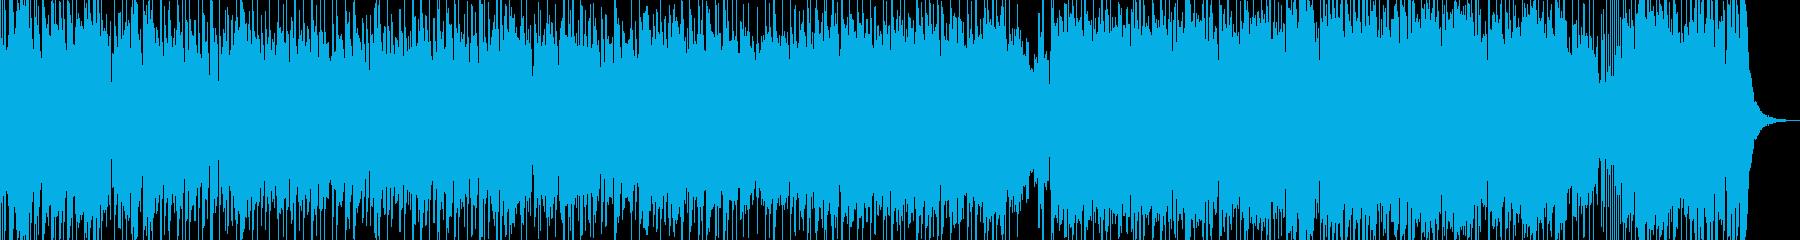 元気が出るアイドルロックポップのんの再生済みの波形